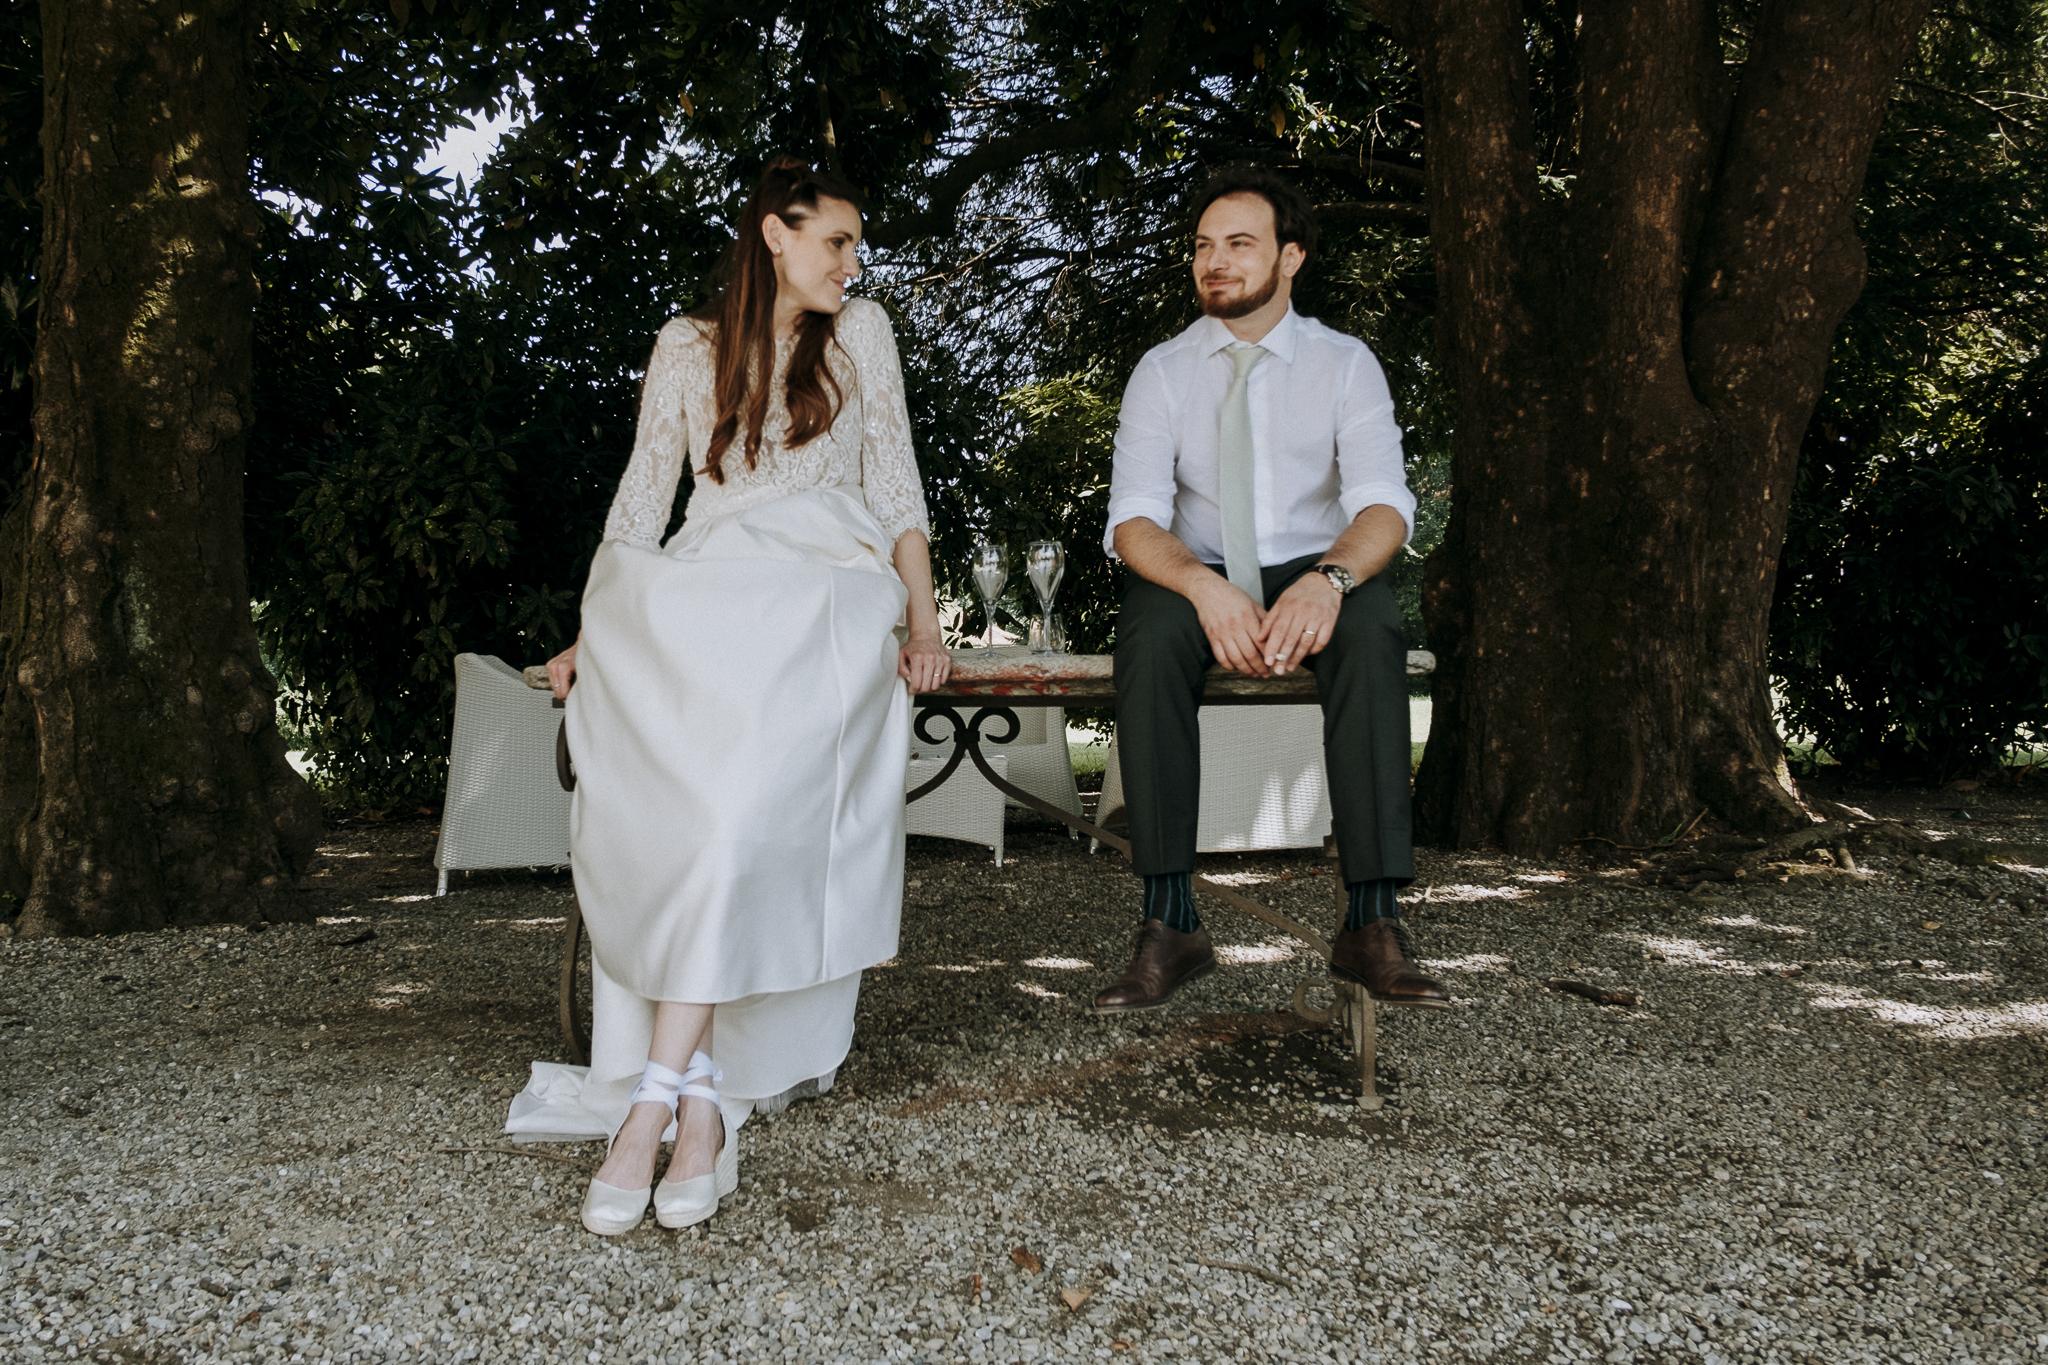 Fotografo Matrimonio Estate, Non Tutte Le Stagioni Sono uguali: Cosa C'è Da Sapere